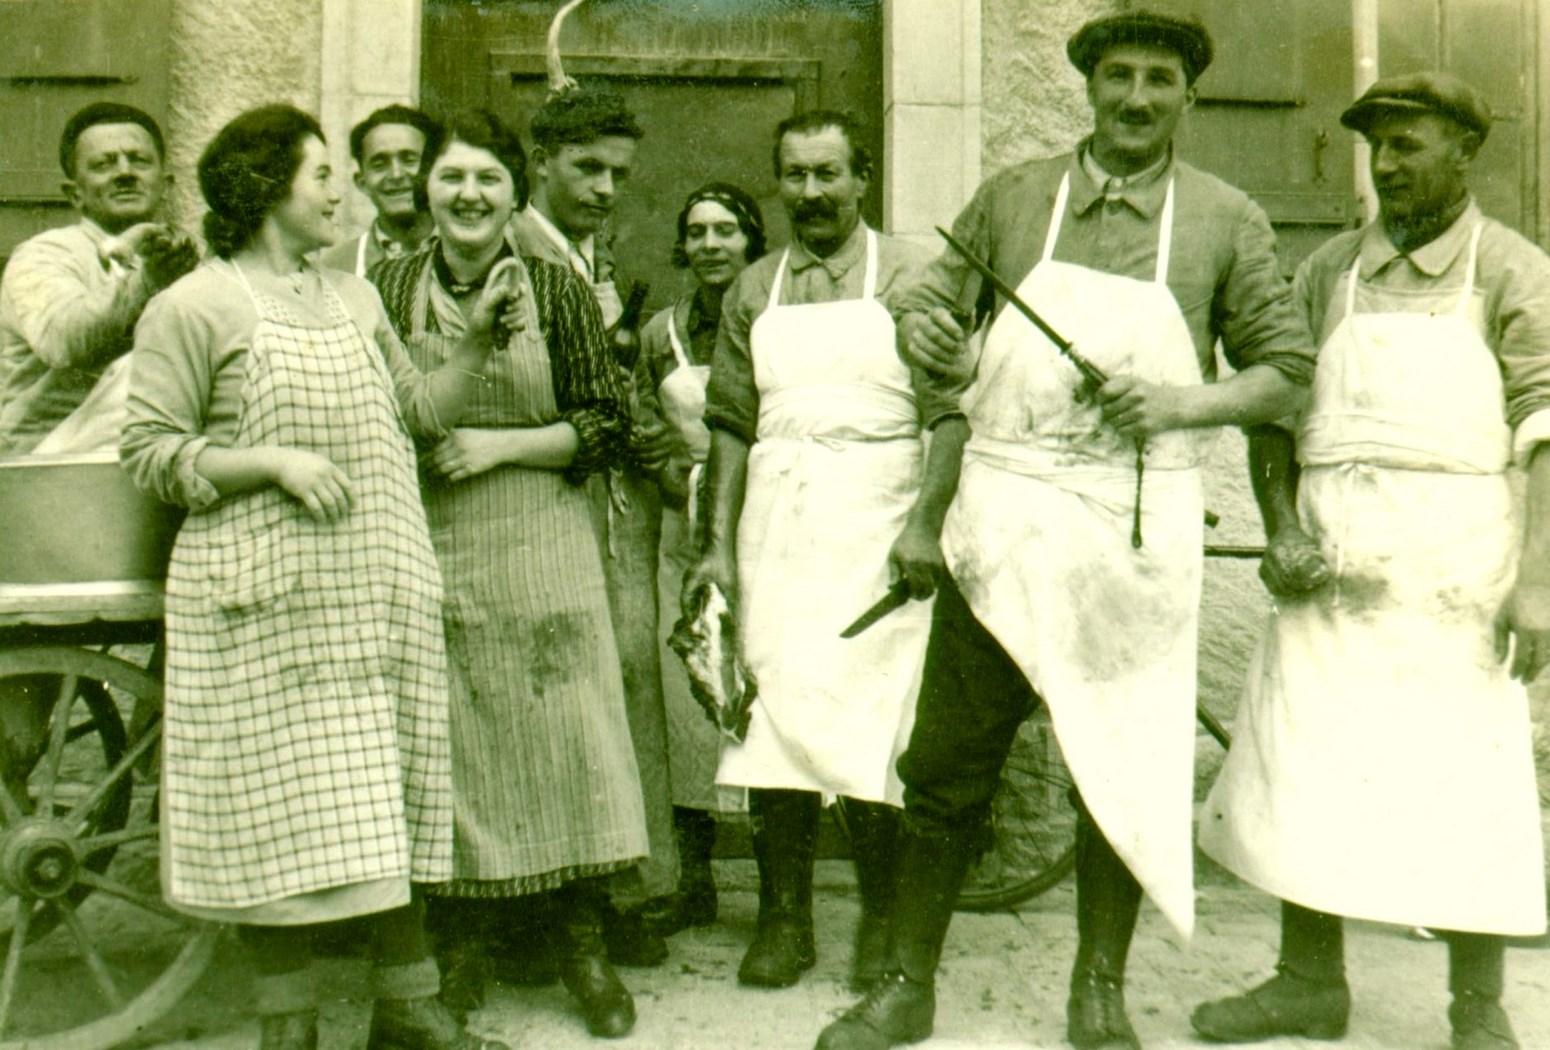 Boucherie à Marcelin sur Morges, journée 1935